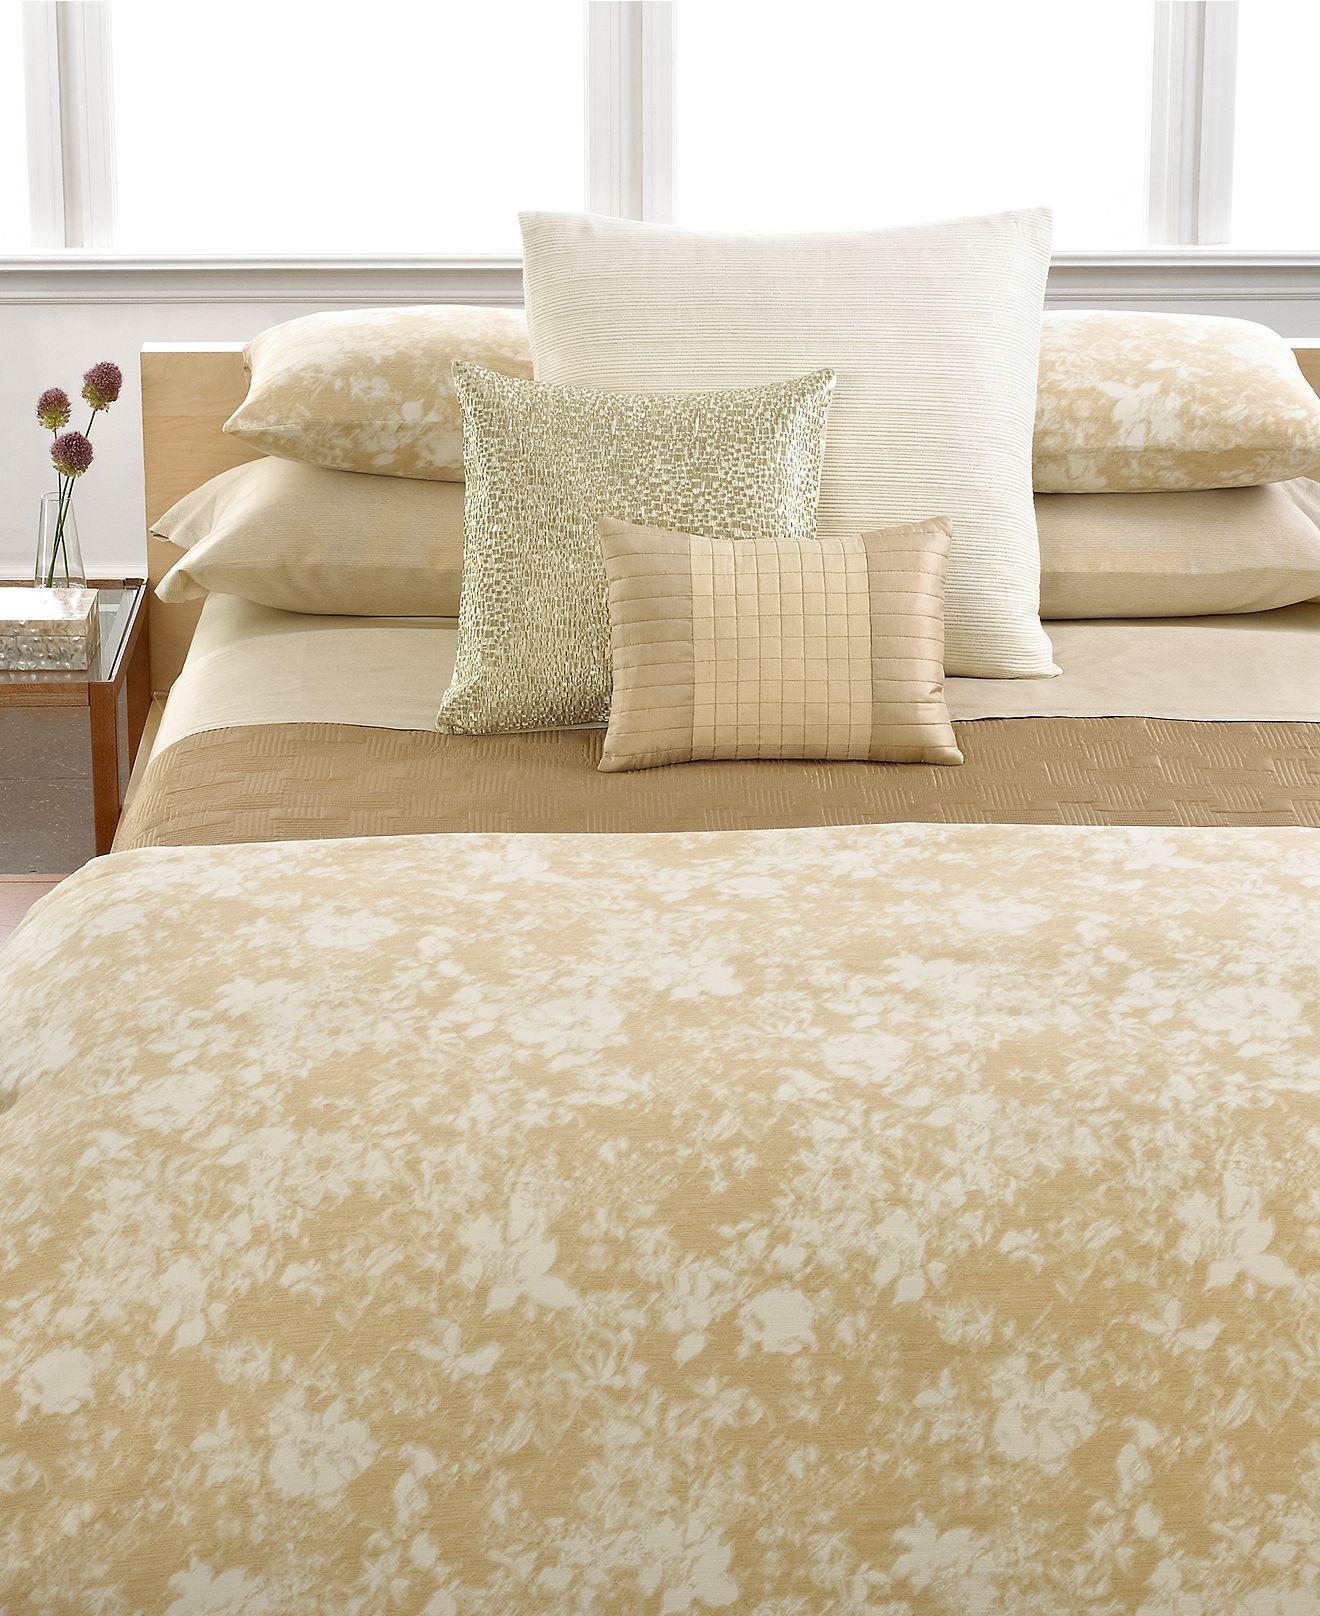 Calvin klein home bedding luminous collection bedding